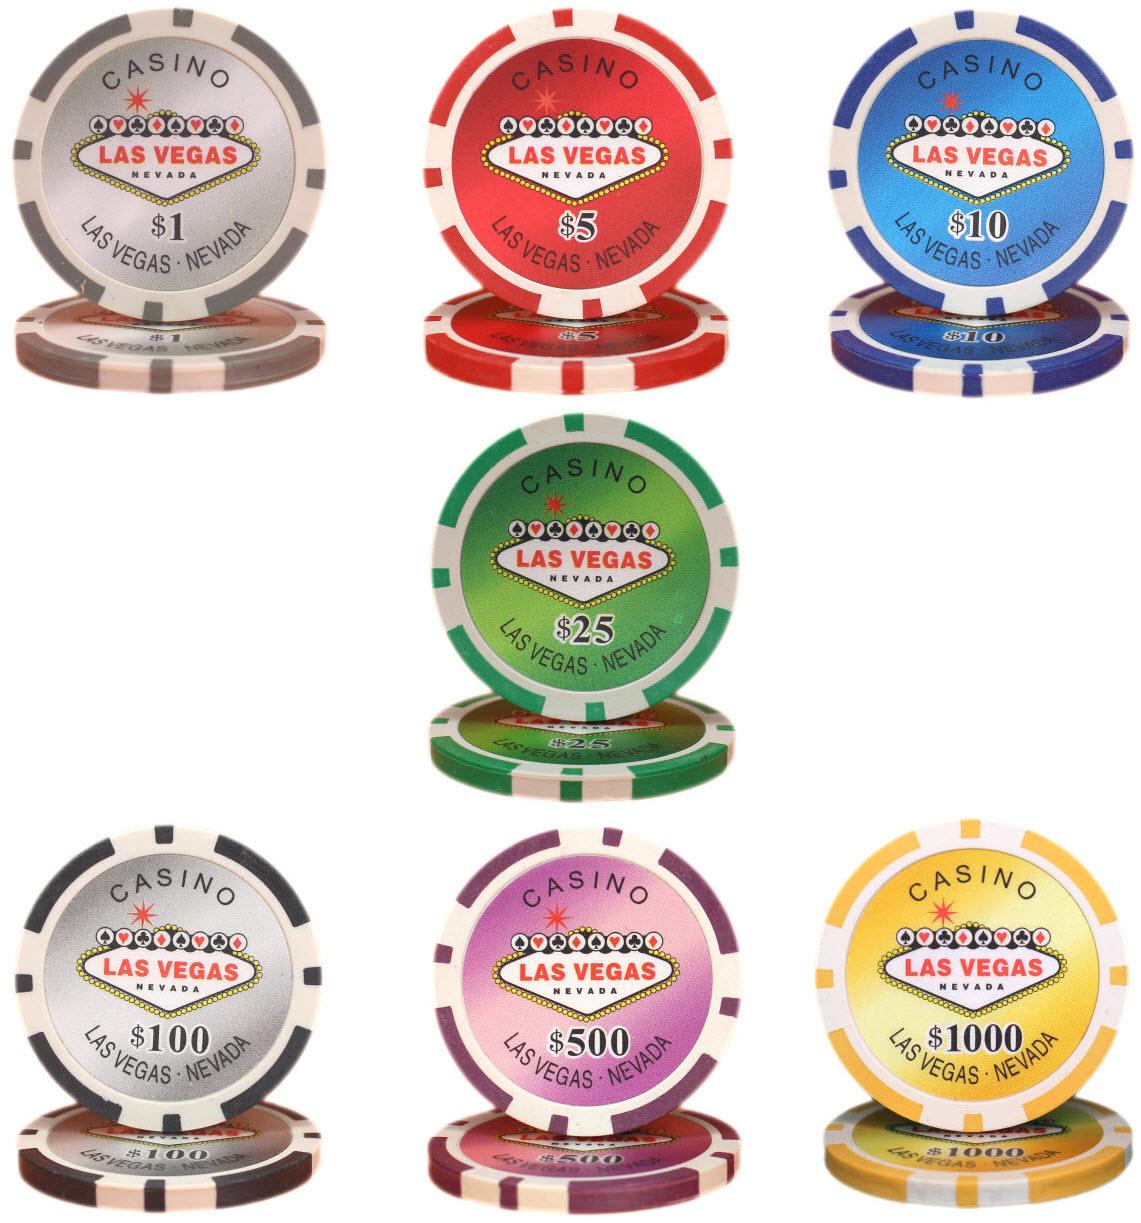 фото Вегас фишки казино лас